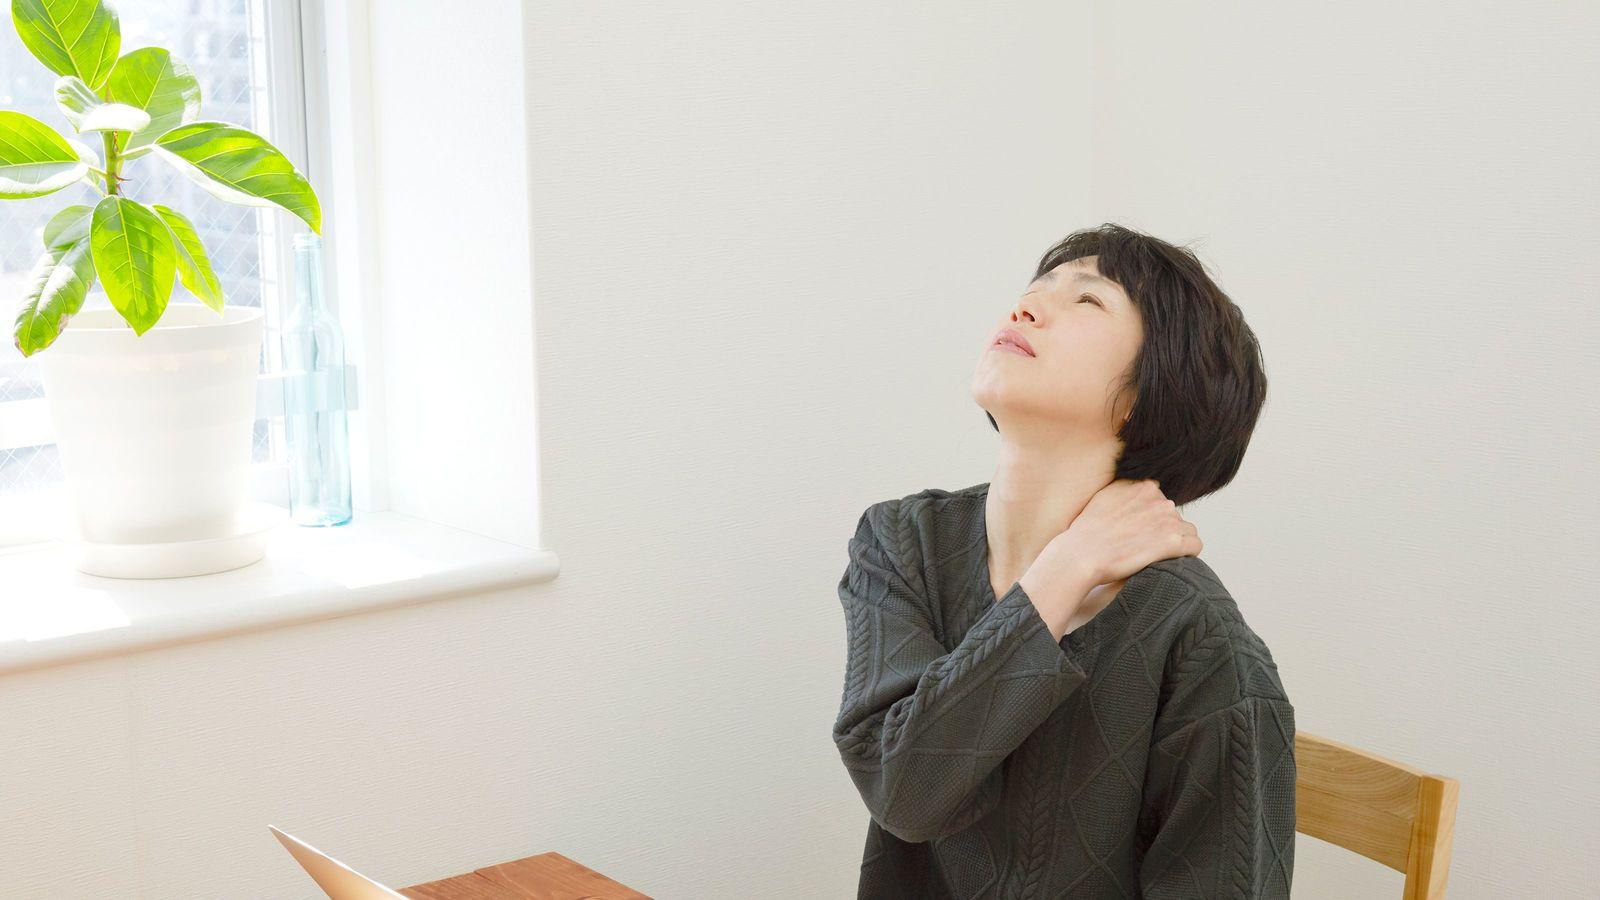 なぜ、男に腰痛が多く、女に肩こりが多いのか 5万人以上の治療実績の鍼灸師解説